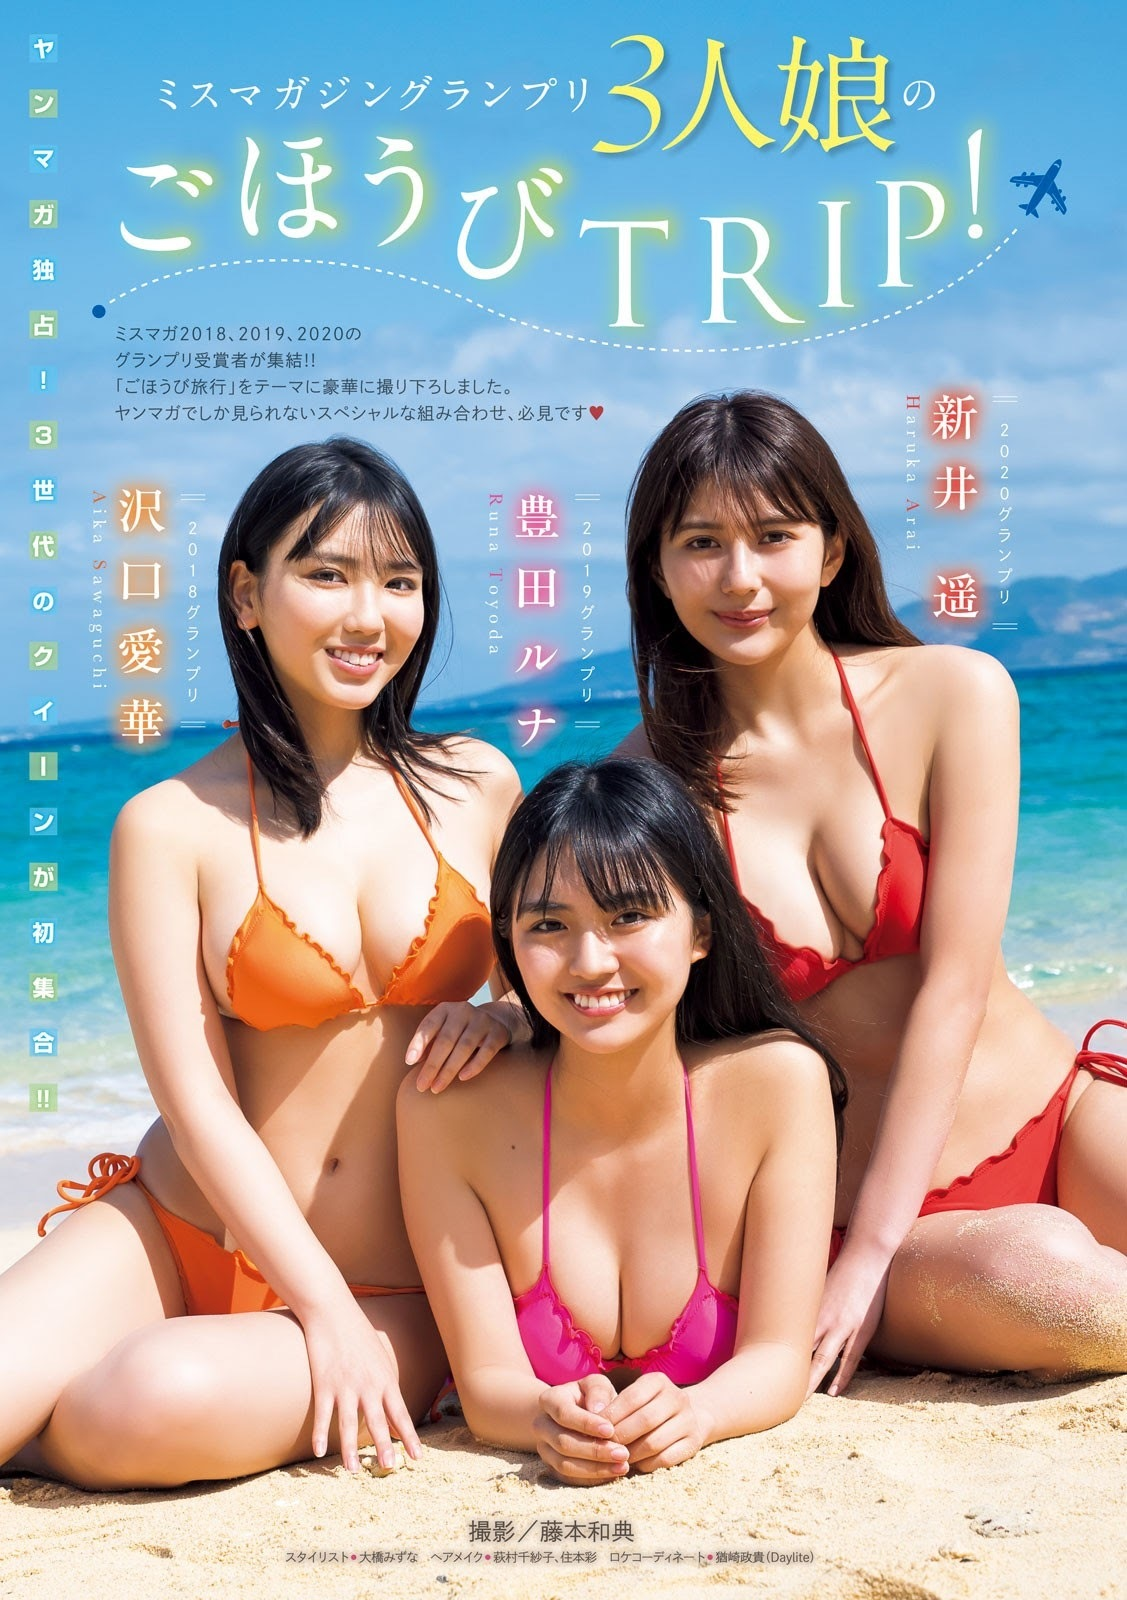 新井遥158